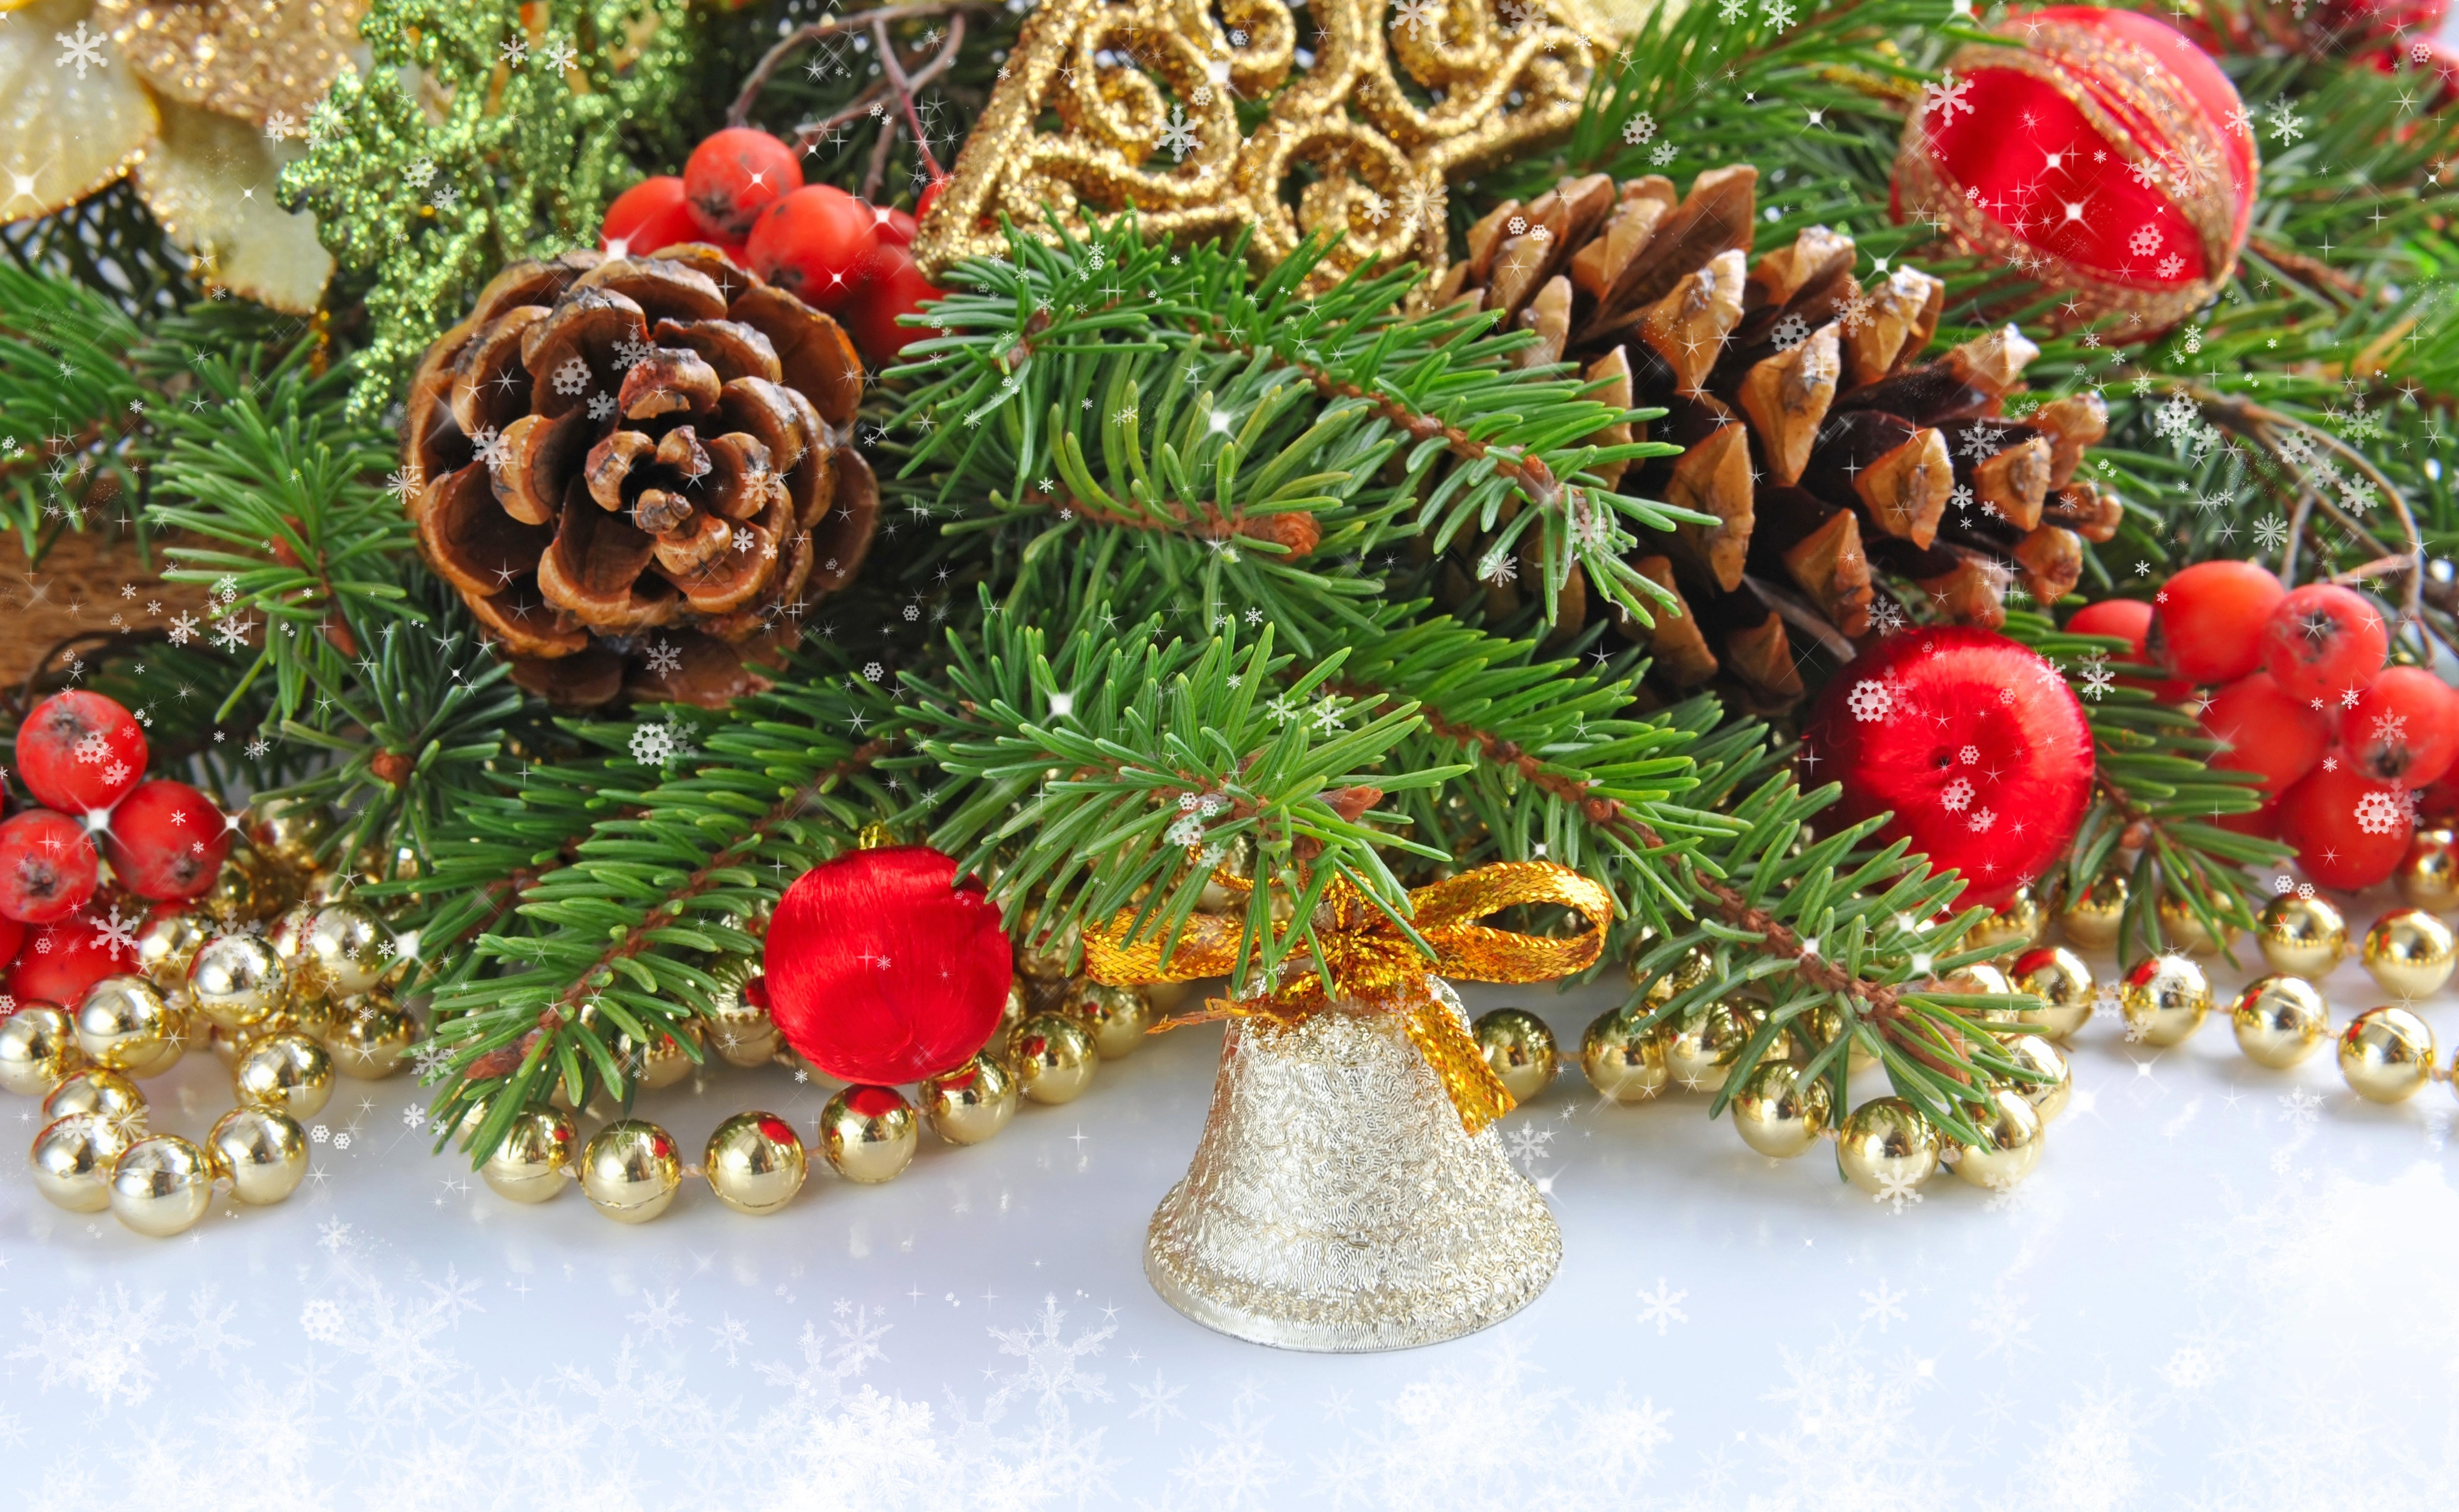 Открытки красивые новогодние елки звеном сфере